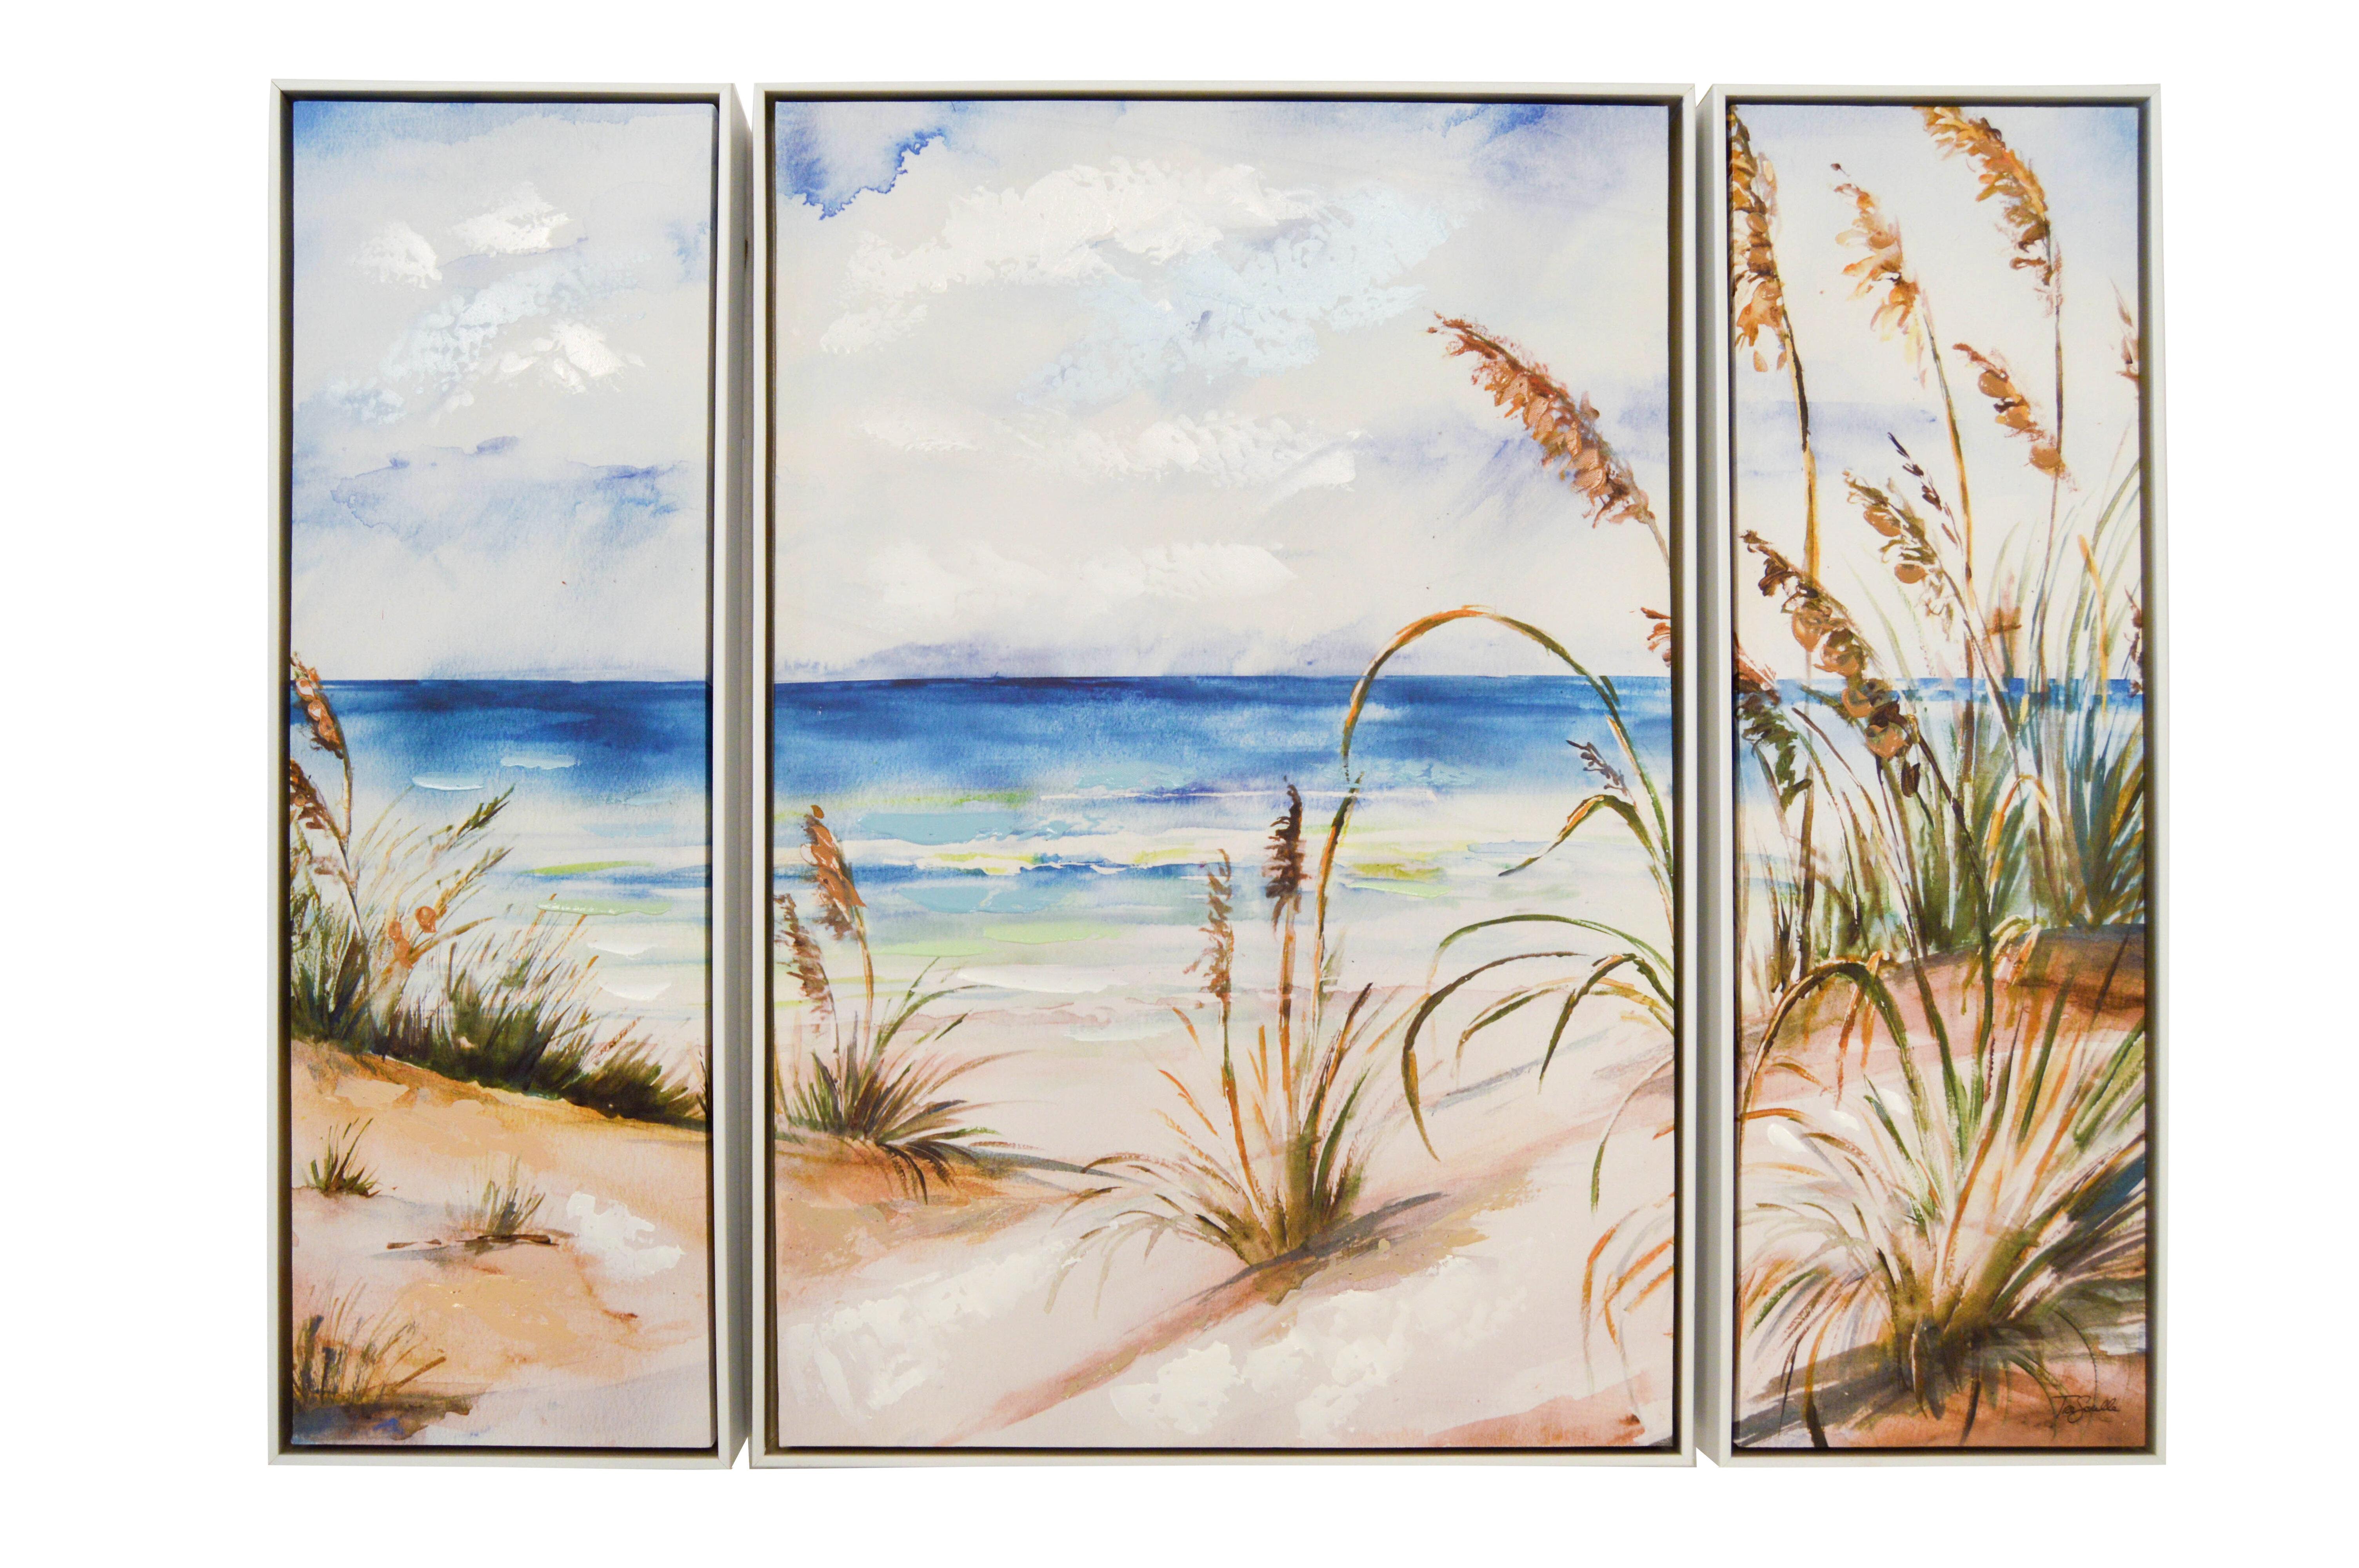 highland dunes beach scene framed acrylic painting print on canvas